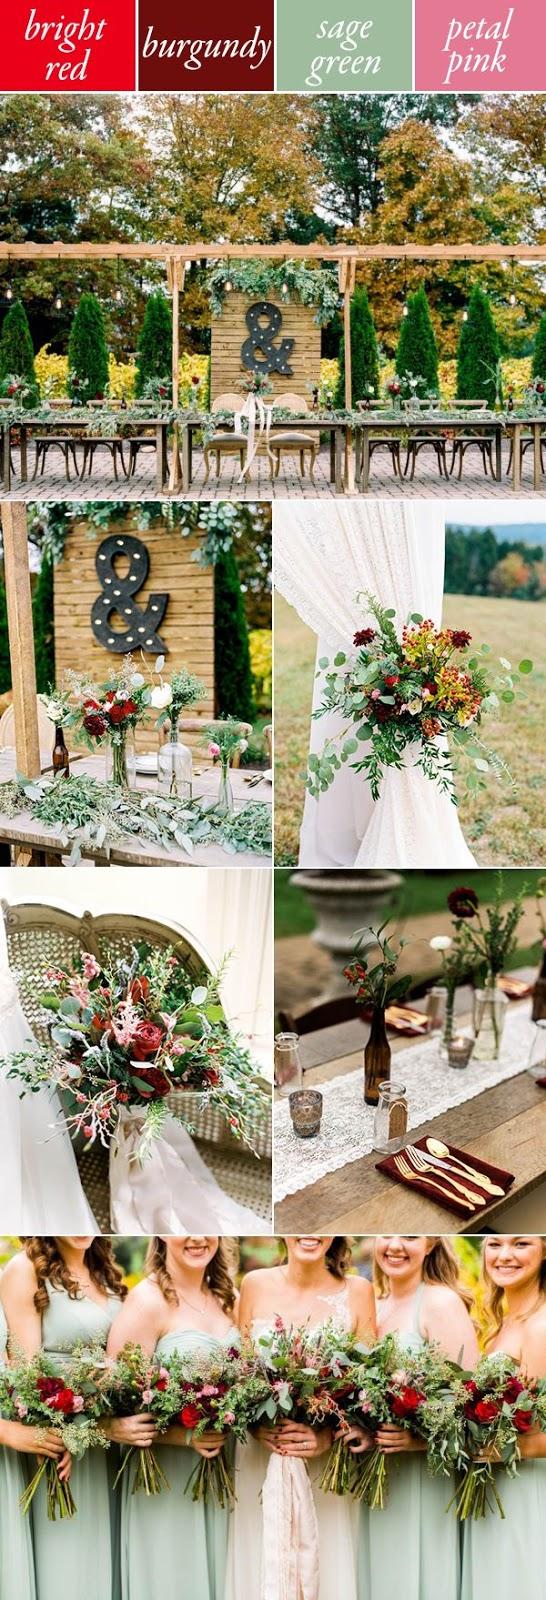 Jesienne wesele, Jesienny ślub, jesień, organizacja wesela na jesień, Ślub i wesele jesienią, Ślub w Ogrodzie, wesele w dworku, wesele w stodole, Wybór miejsca na ślub i wesele